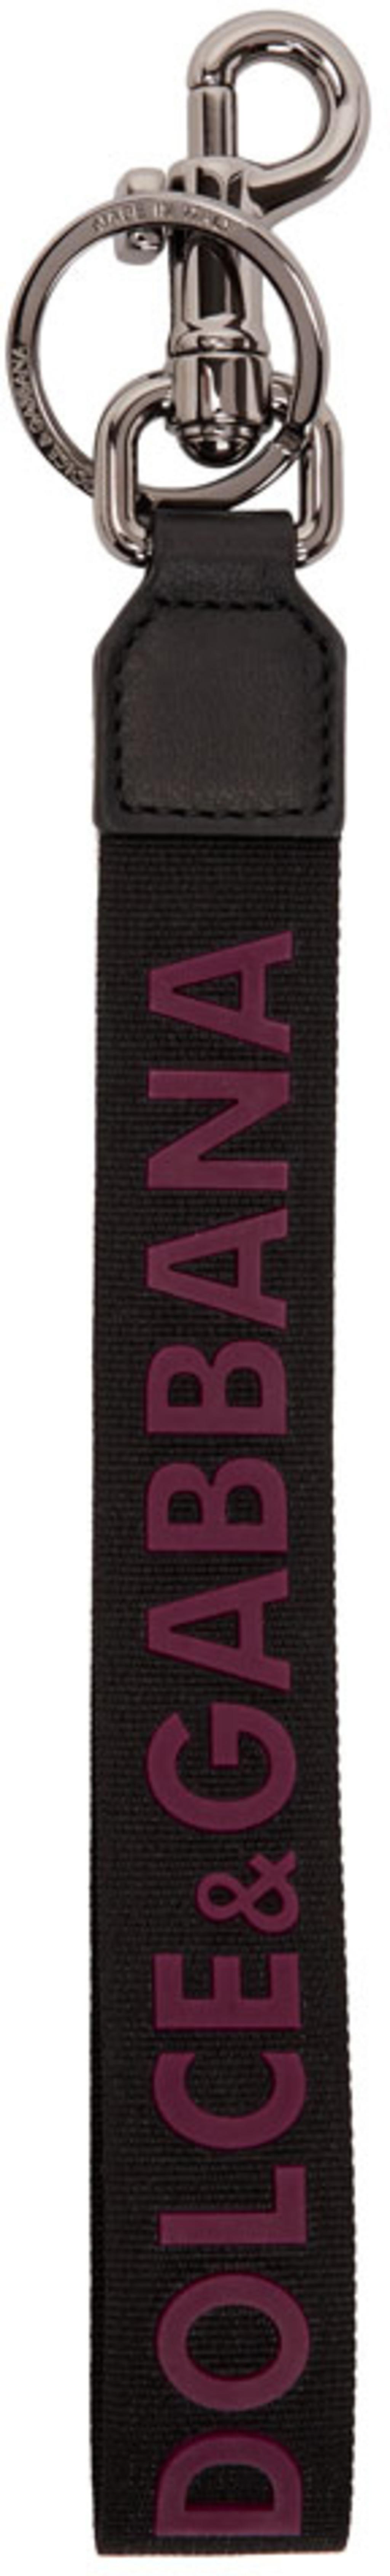 |Dolce & Gabbana|ブラック クラウン & ハート ポーチ